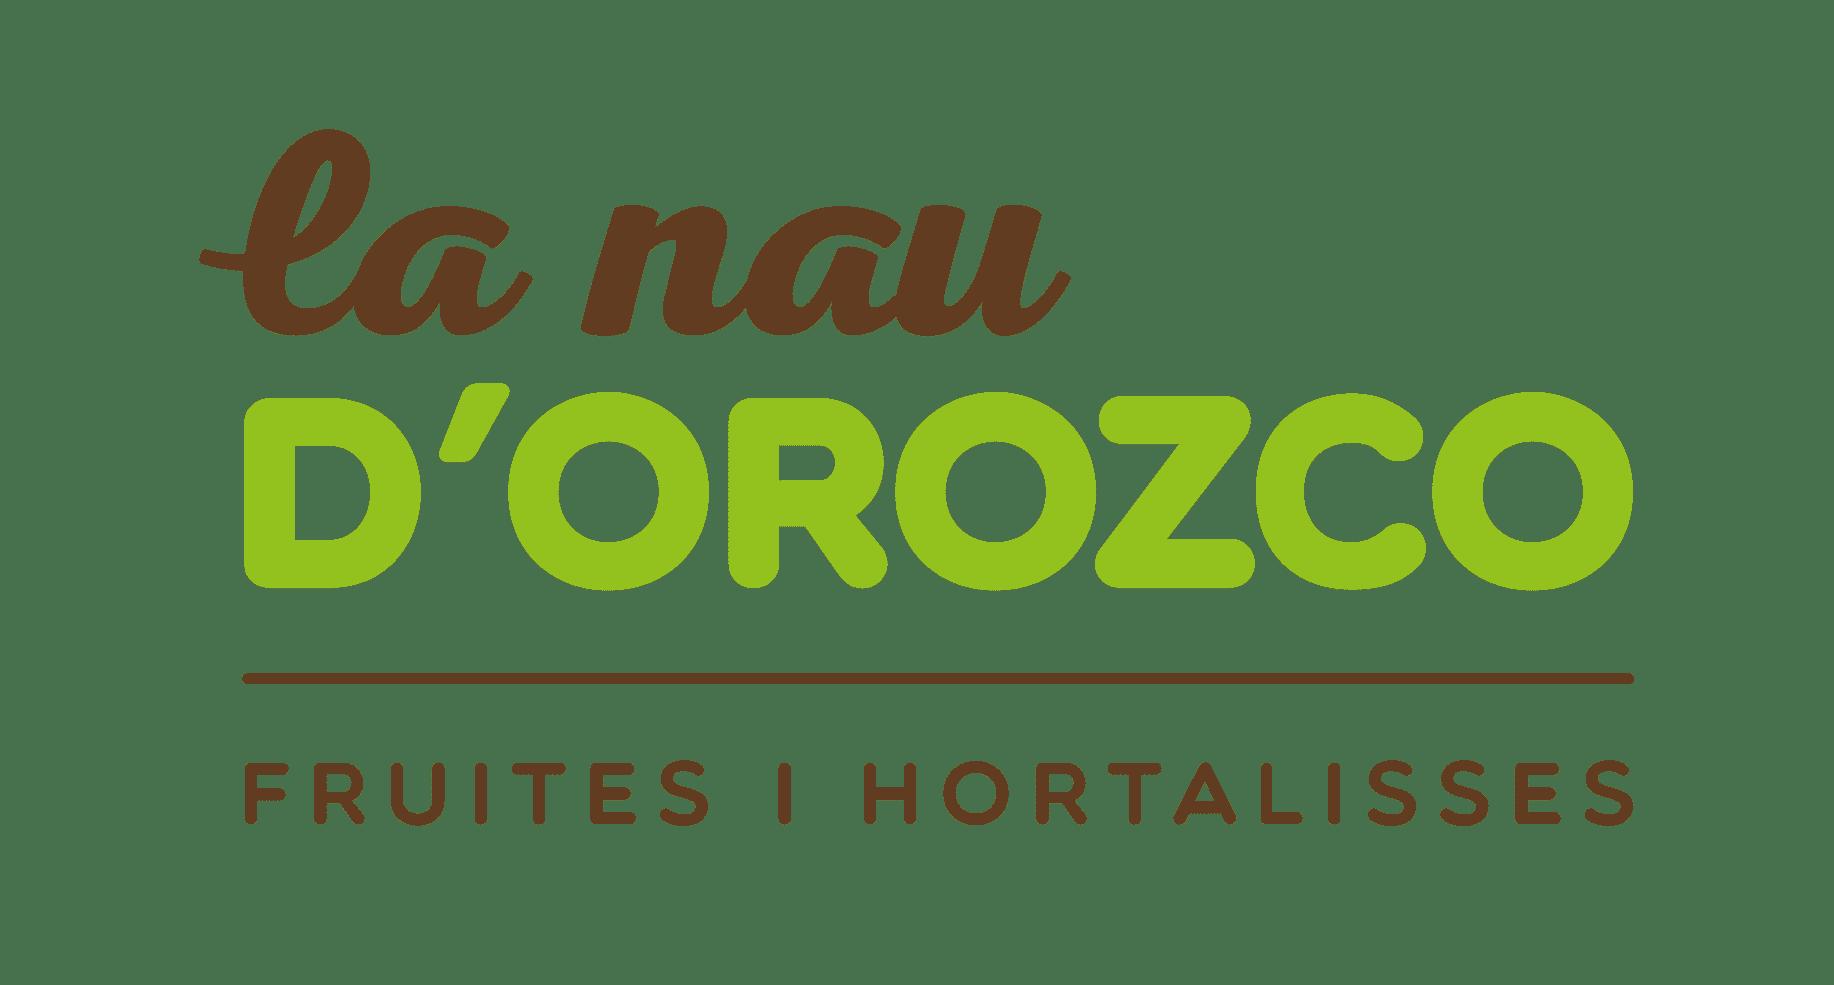 La Nau d'Orozco